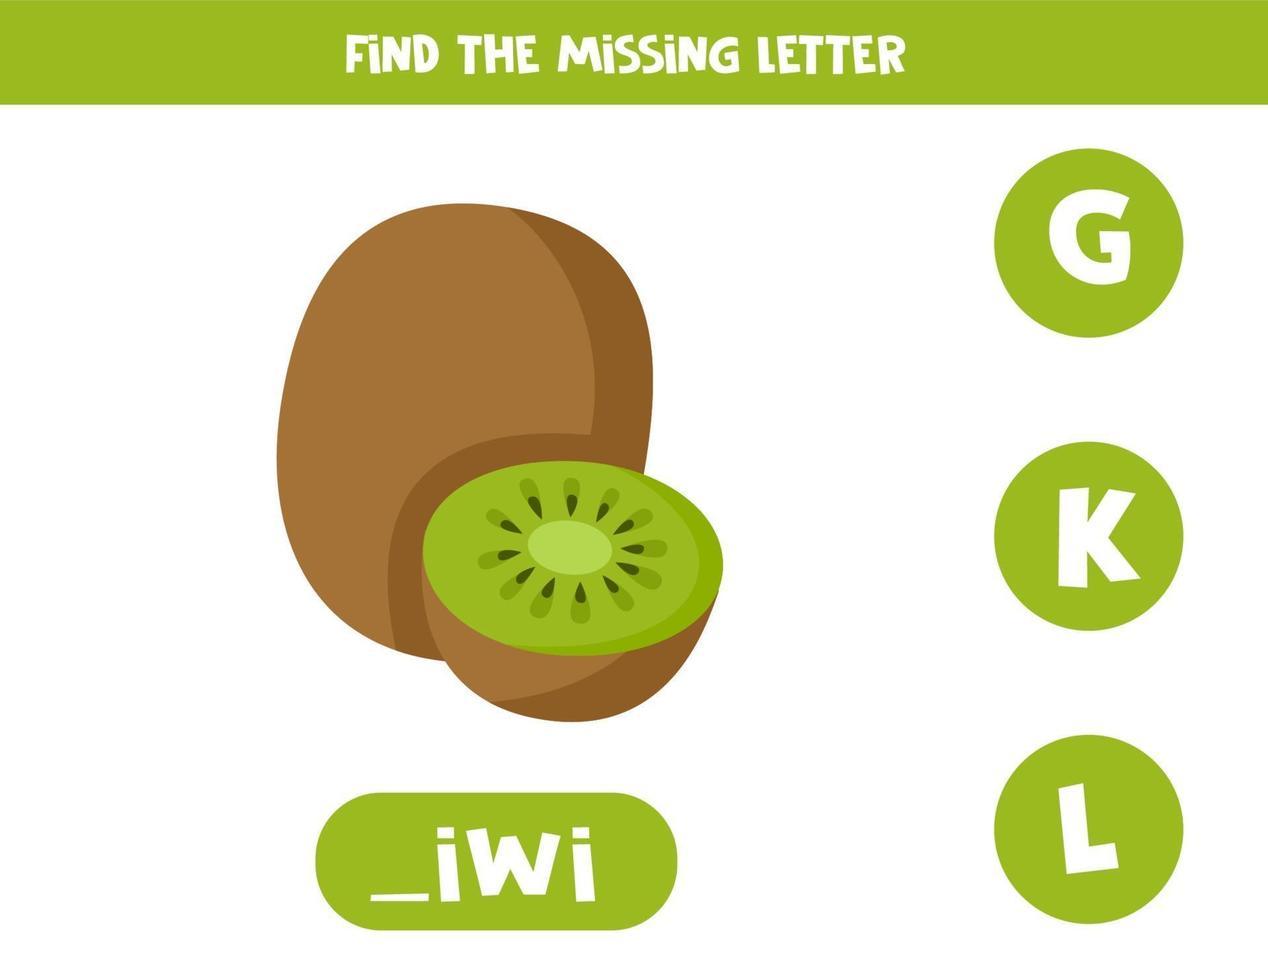 trova la lettera mancante nella parola. kiwi simpatico cartone animato. vettore